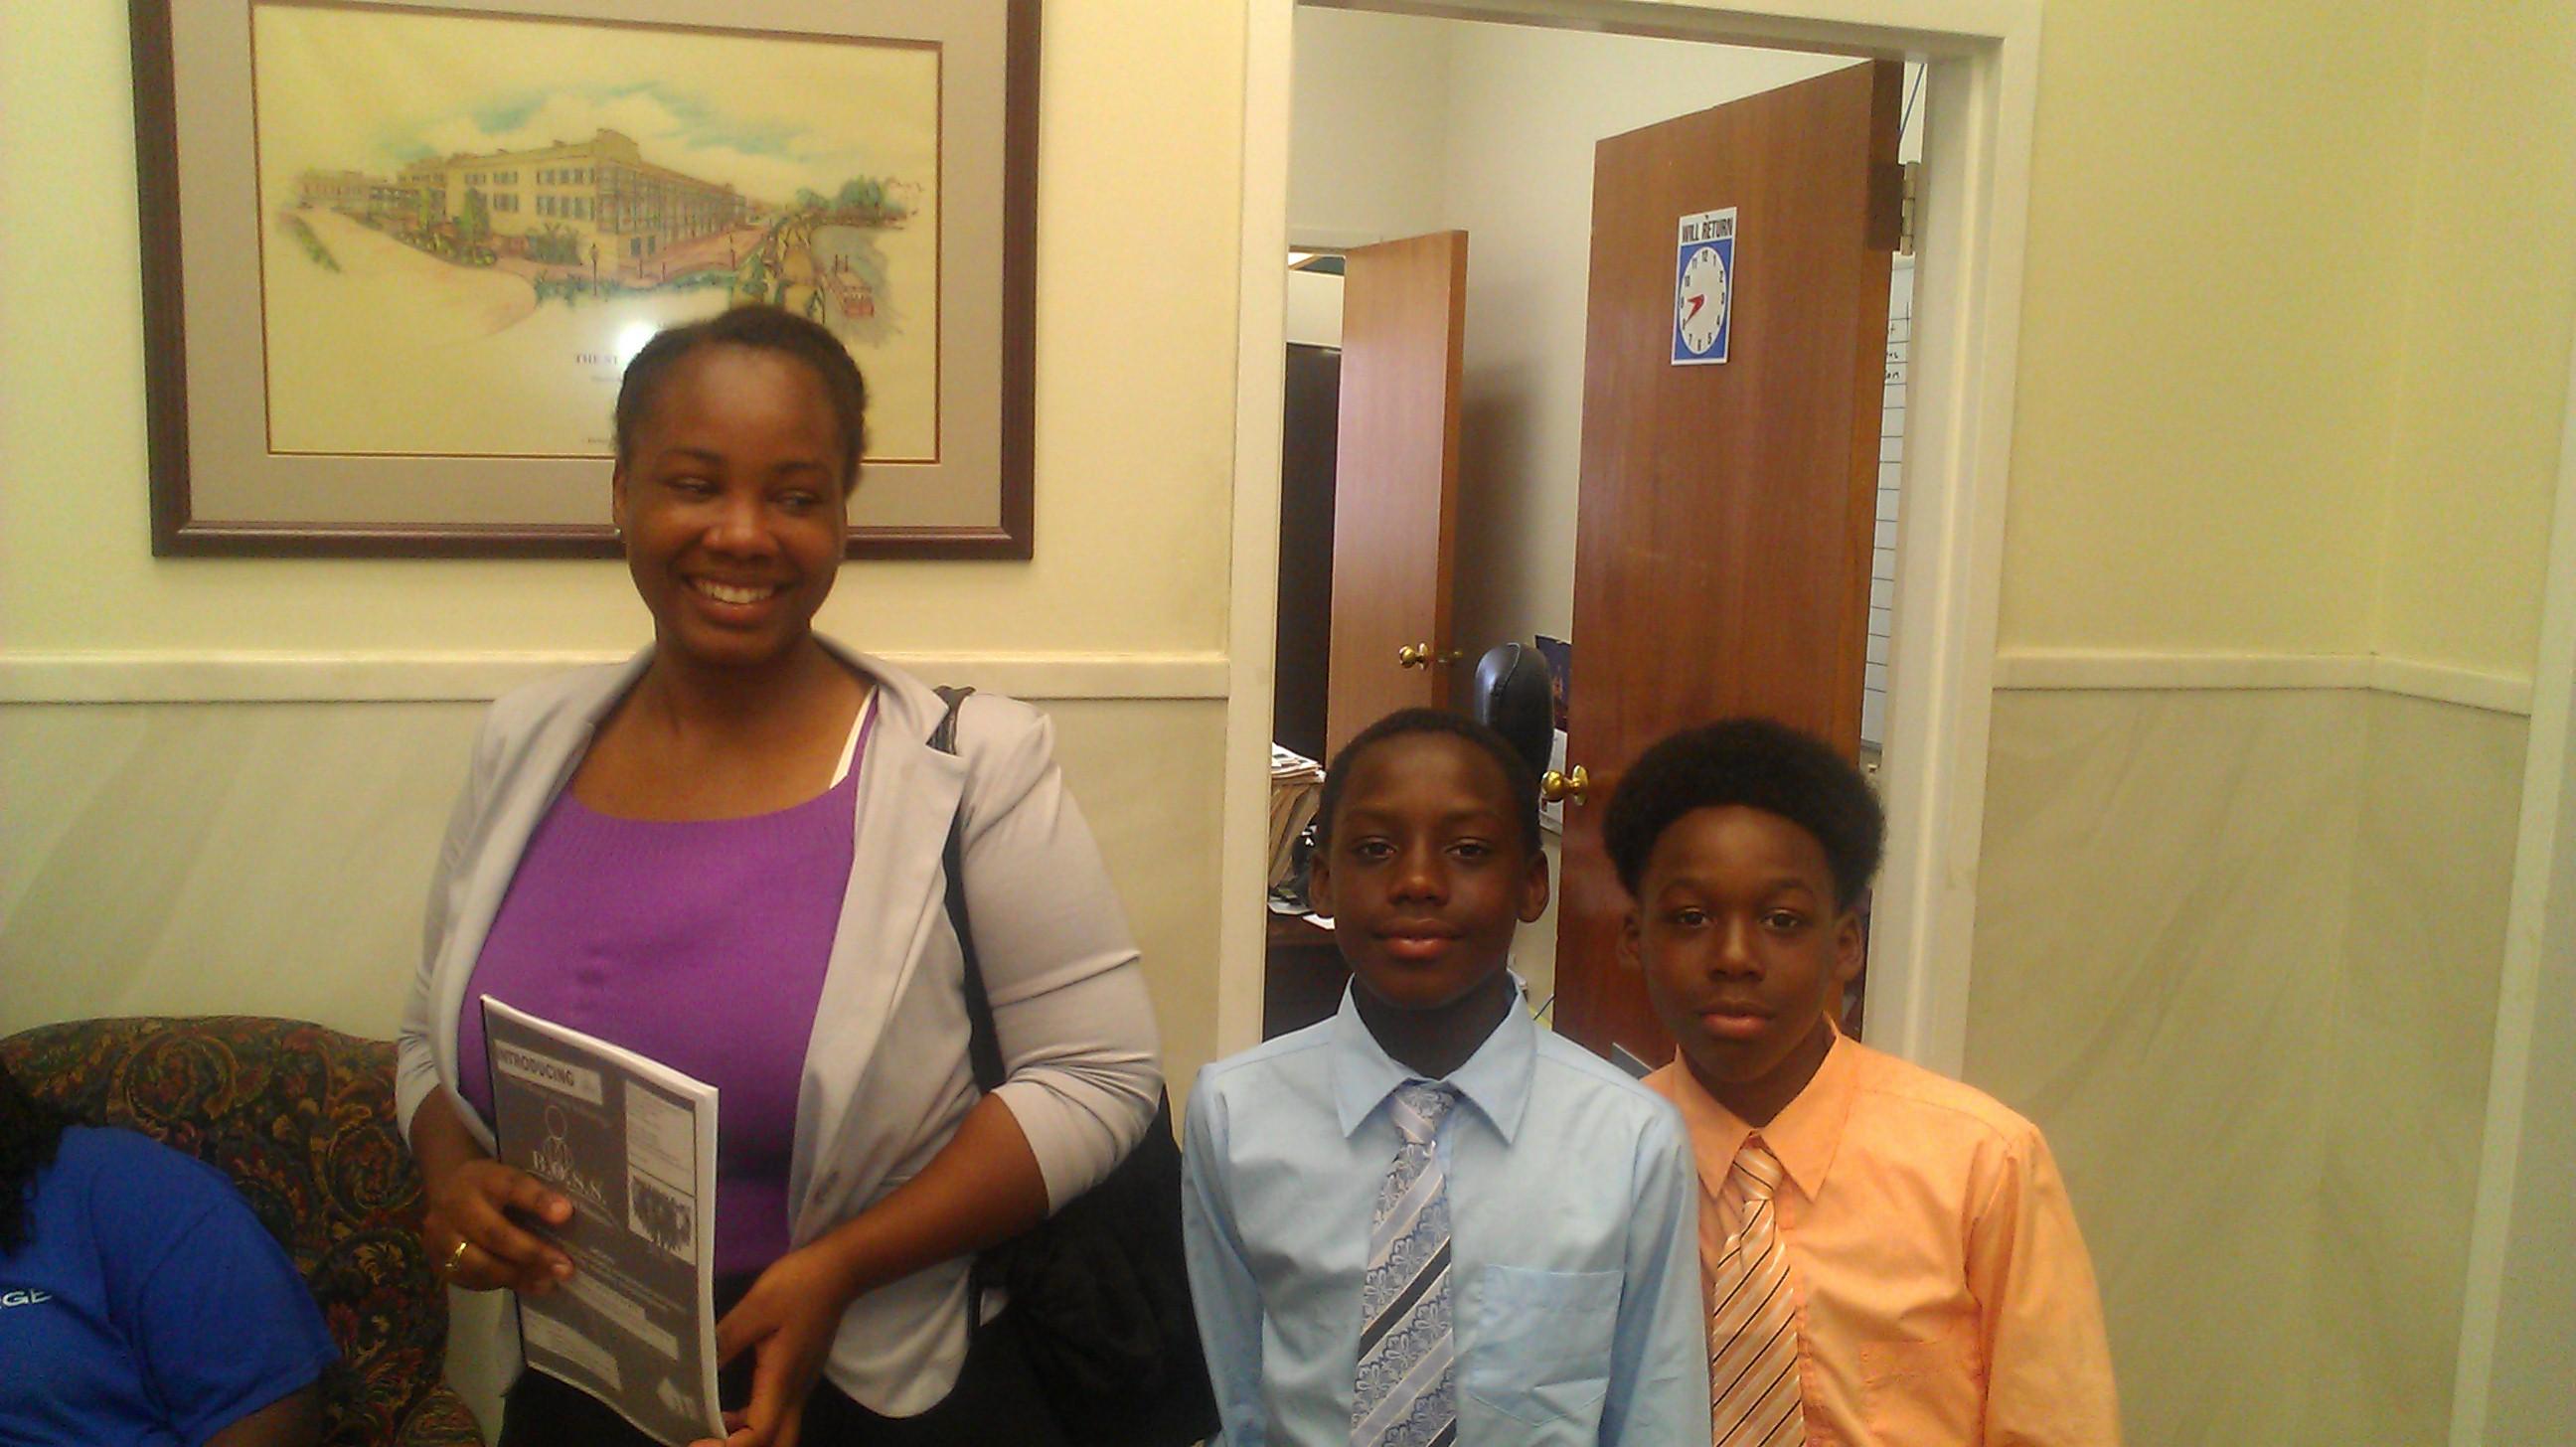 BOSS meeting the Mayor of Selma